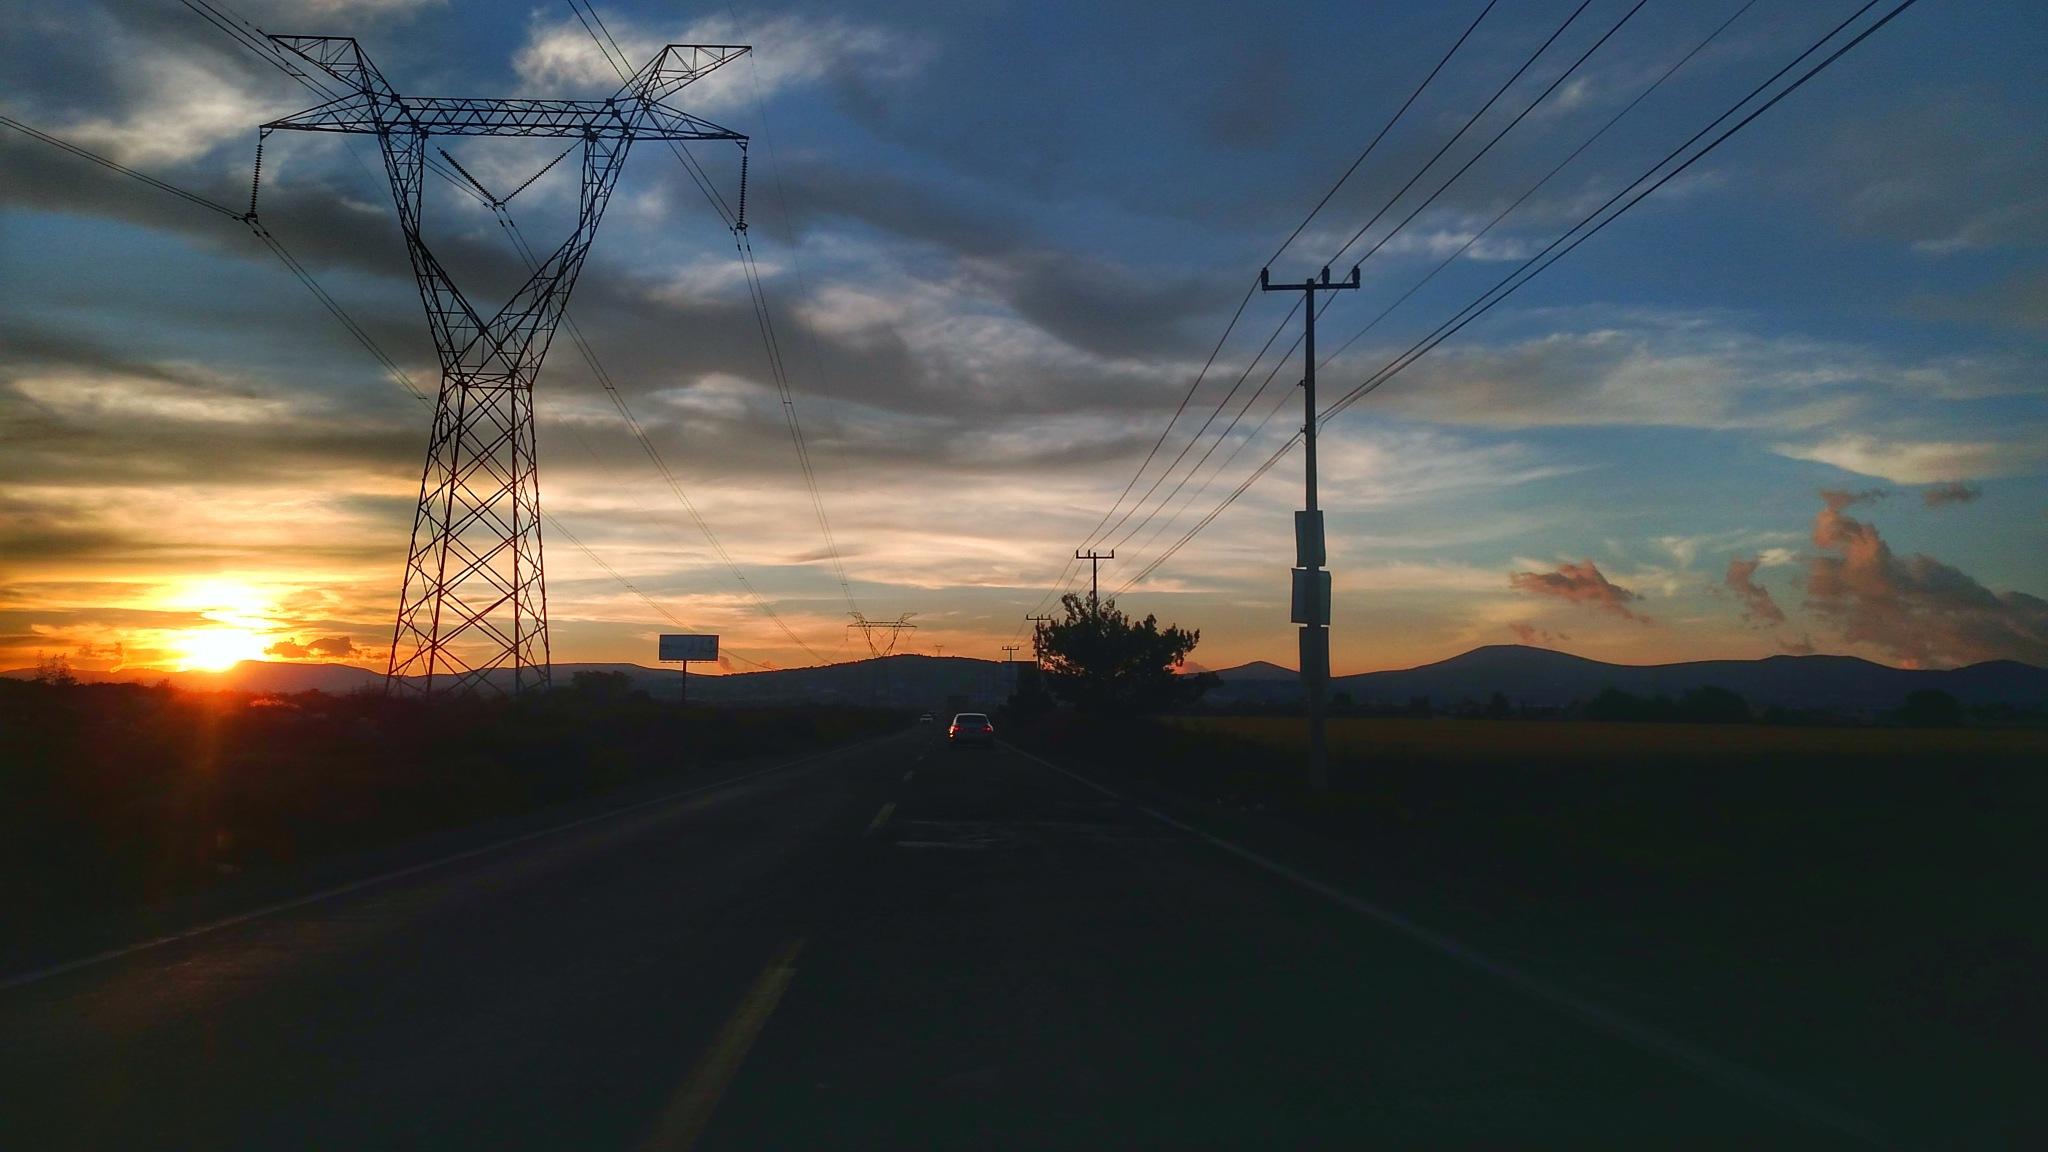 traveling... by Xoiahu Zurc